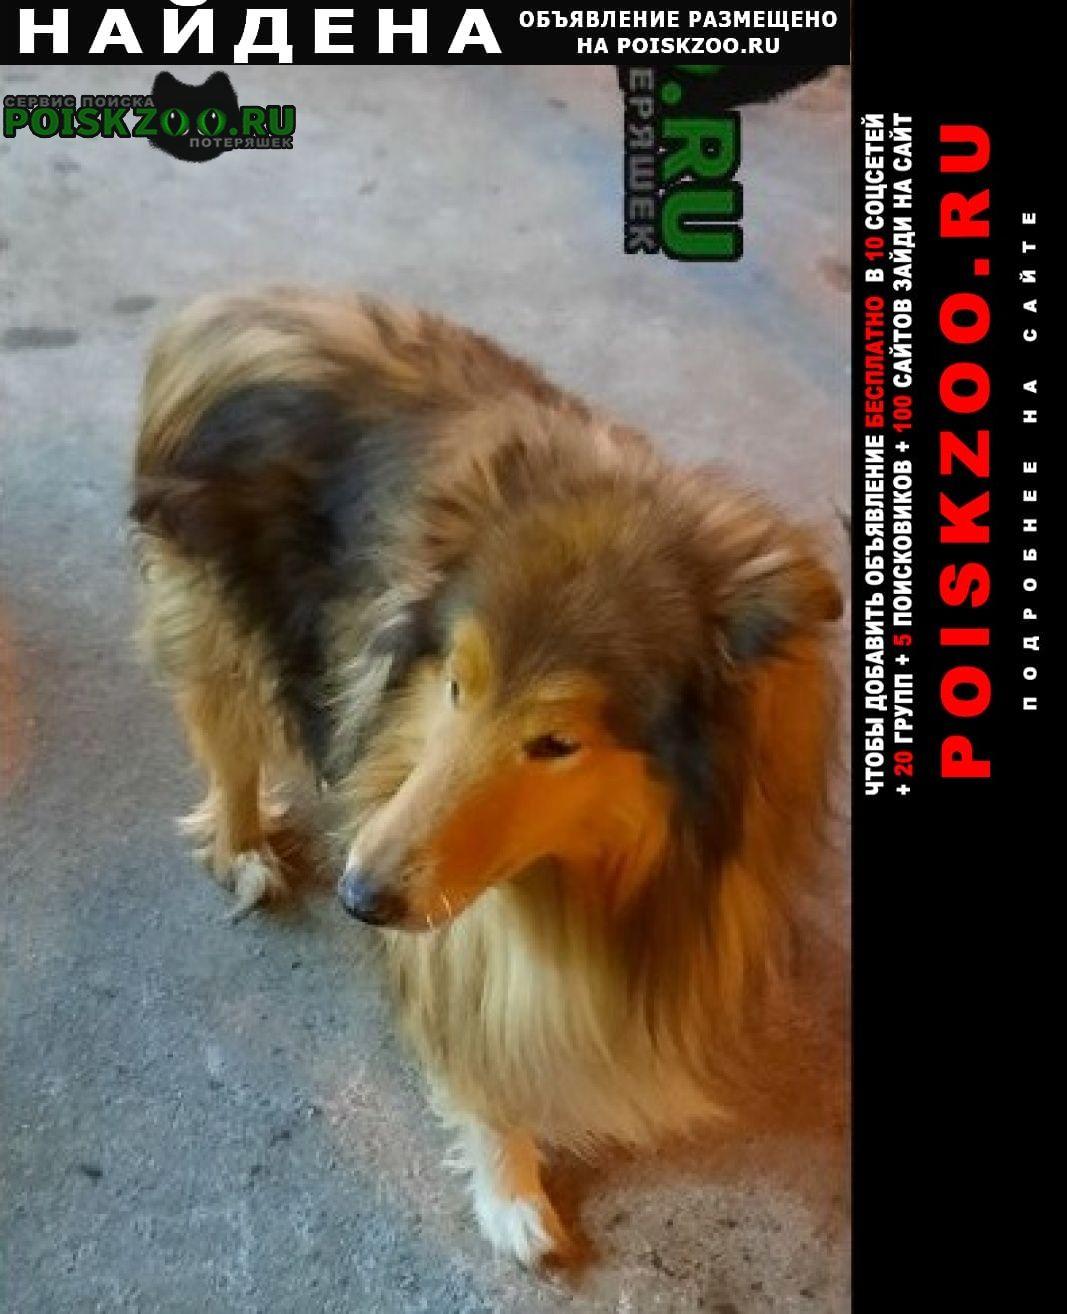 Найдена собака колли без поводка Санкт-Петербург